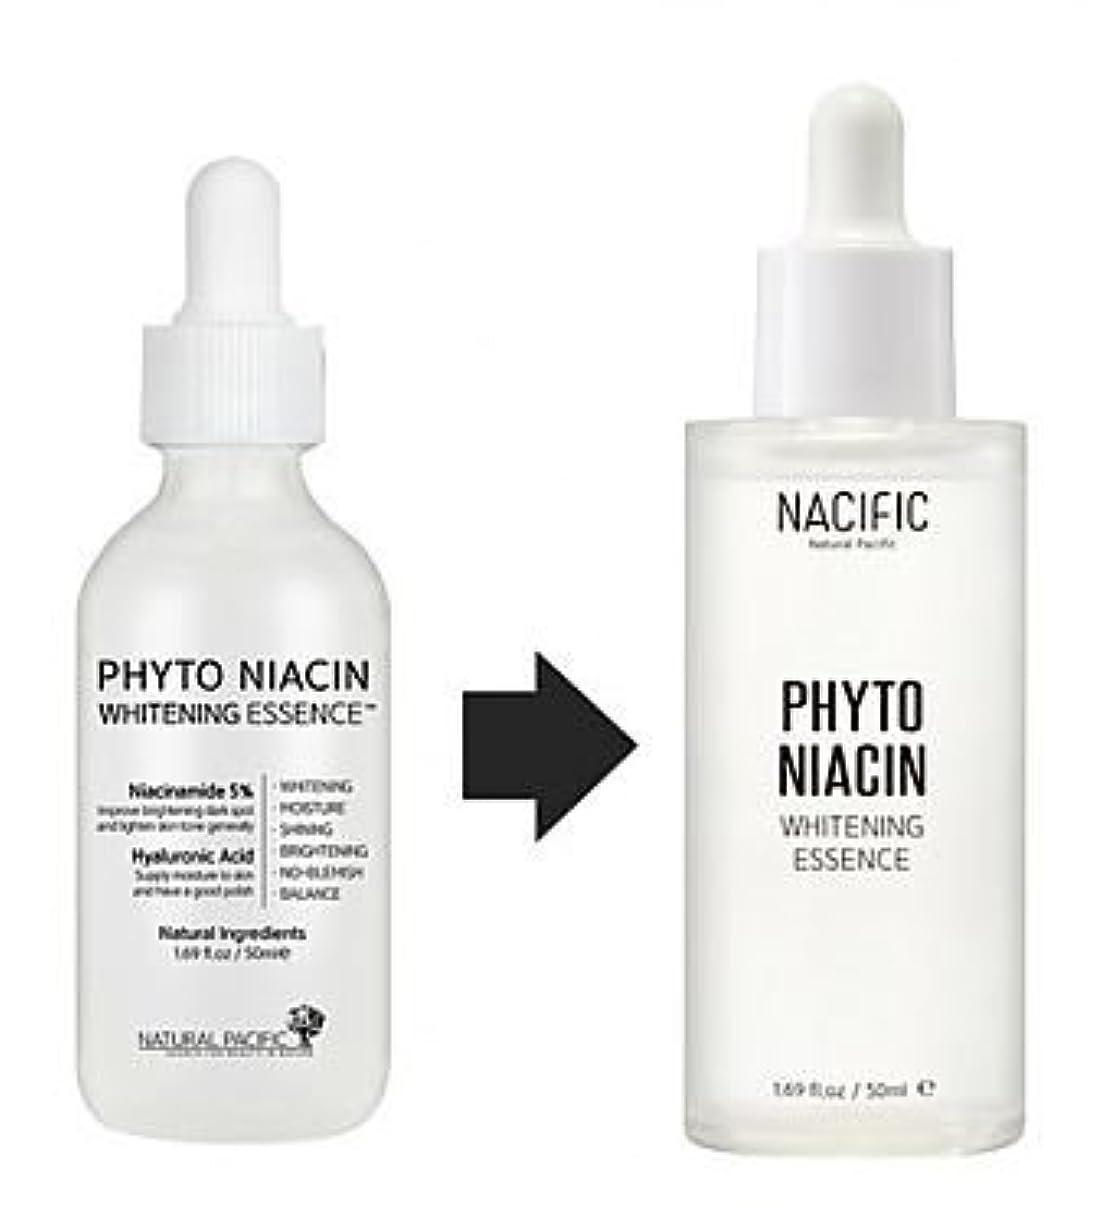 汚染されたチェス不倫[NACIFIC]Phyto Niacin Whitening Essence 50ml/ナチュラルパシフィック フィト ナイアシン ホワイトニング エッセンス 50ml [並行輸入品]